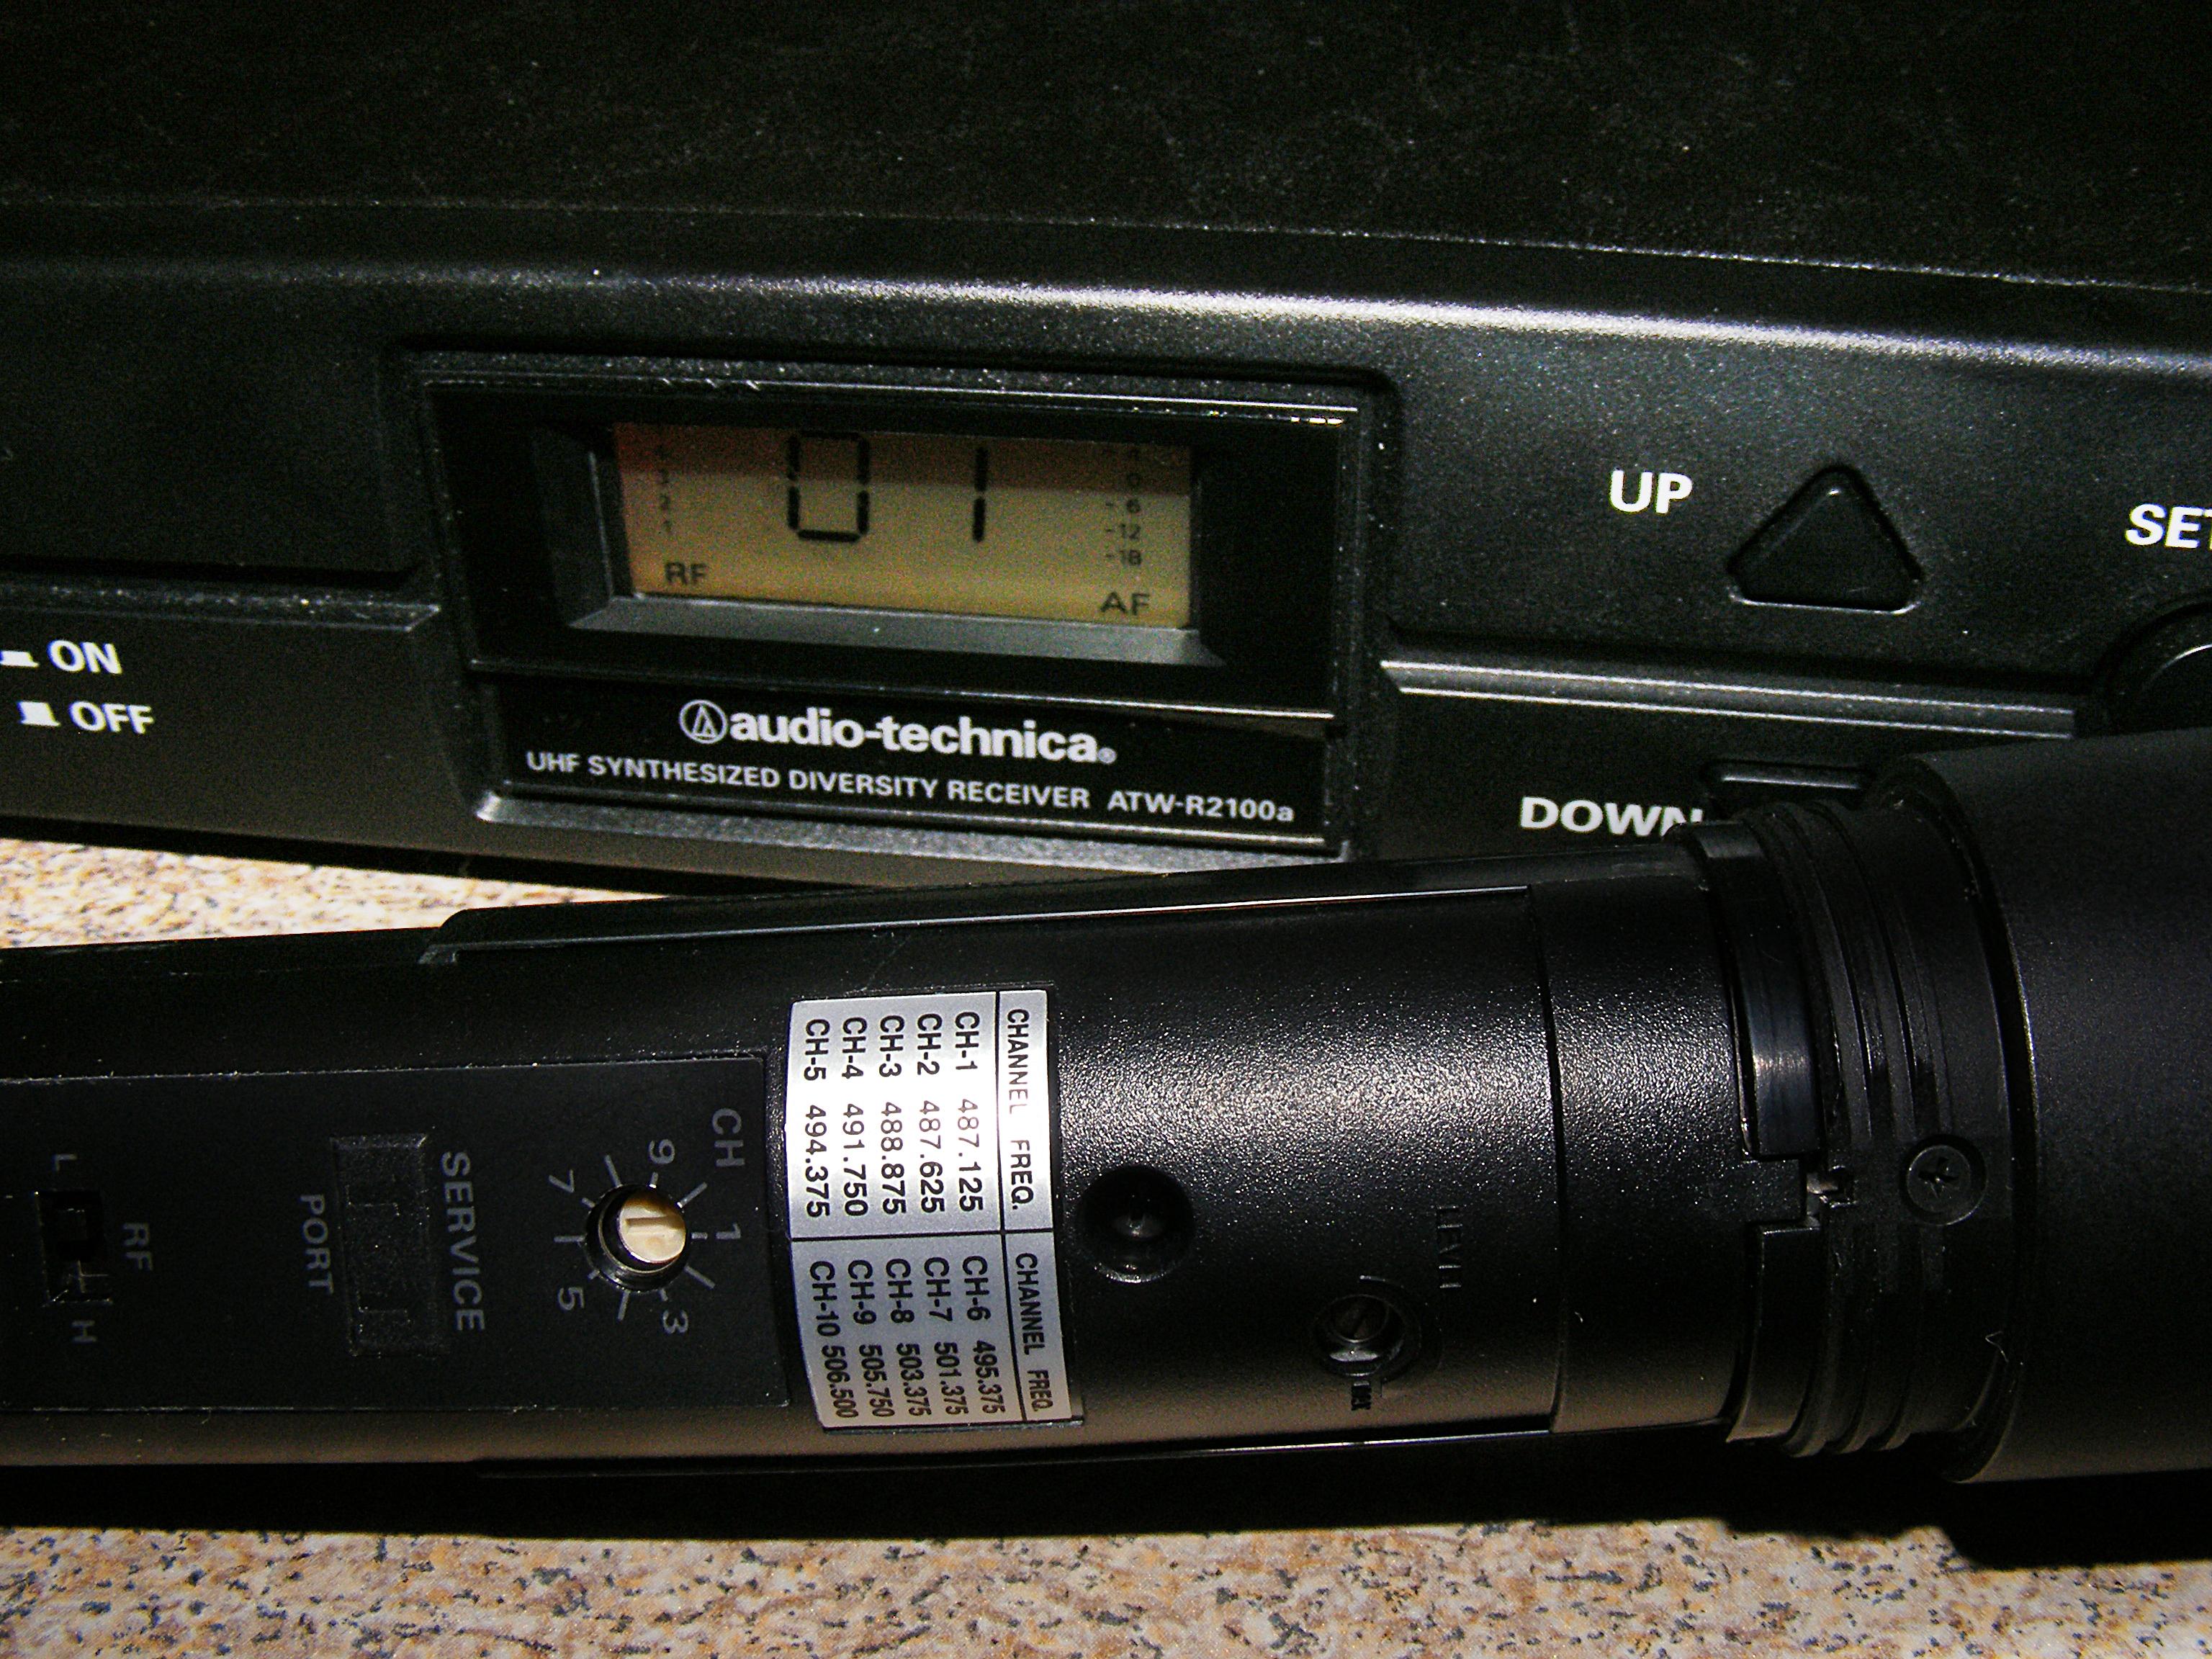 DSCF2254.JPG